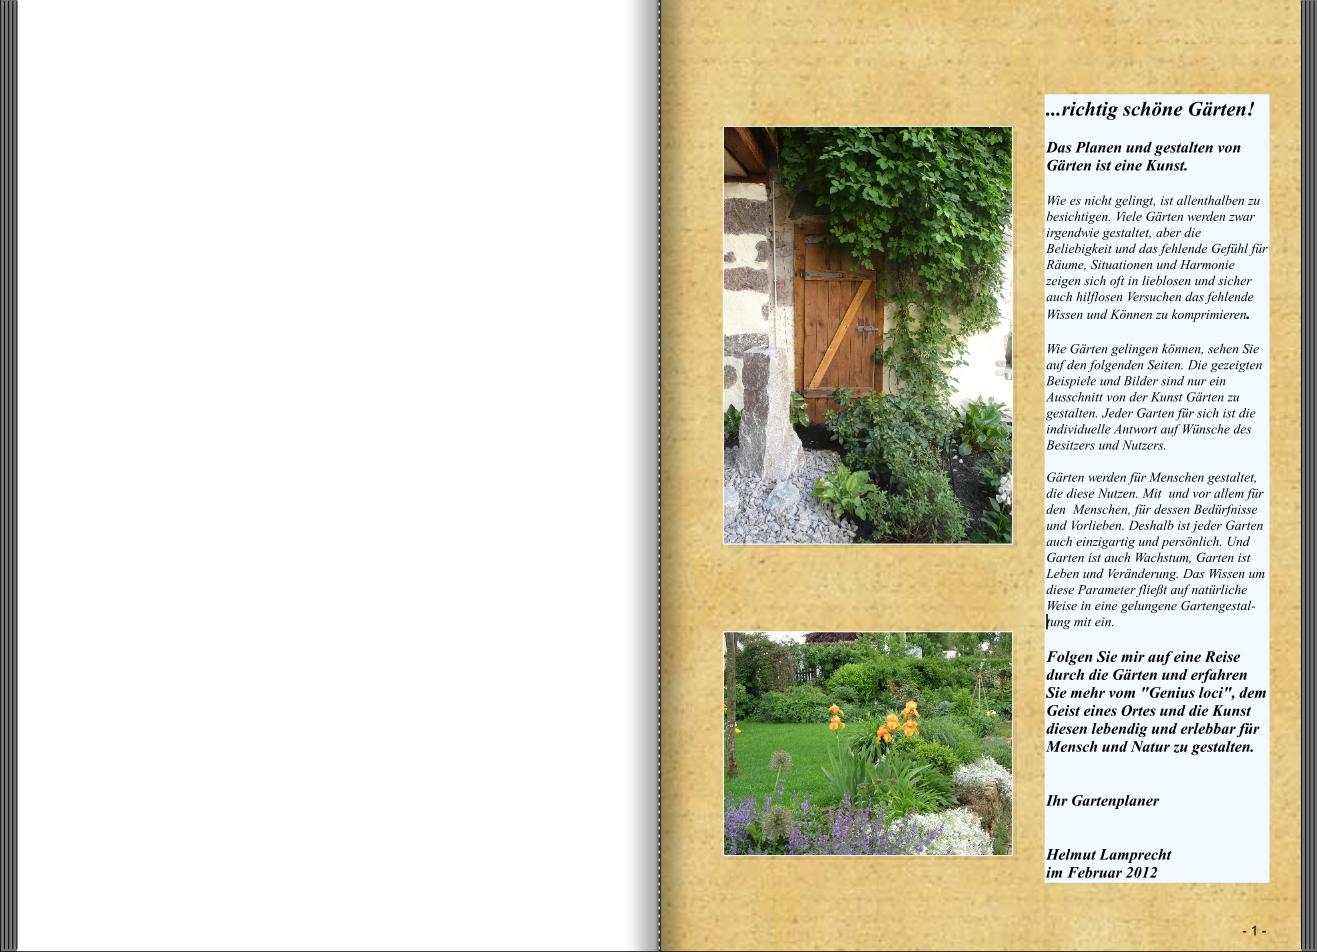 Gartenplaner app garden planner app stock vector image 53218156 top 5 apps for gardening the for Gartengestaltung 3d